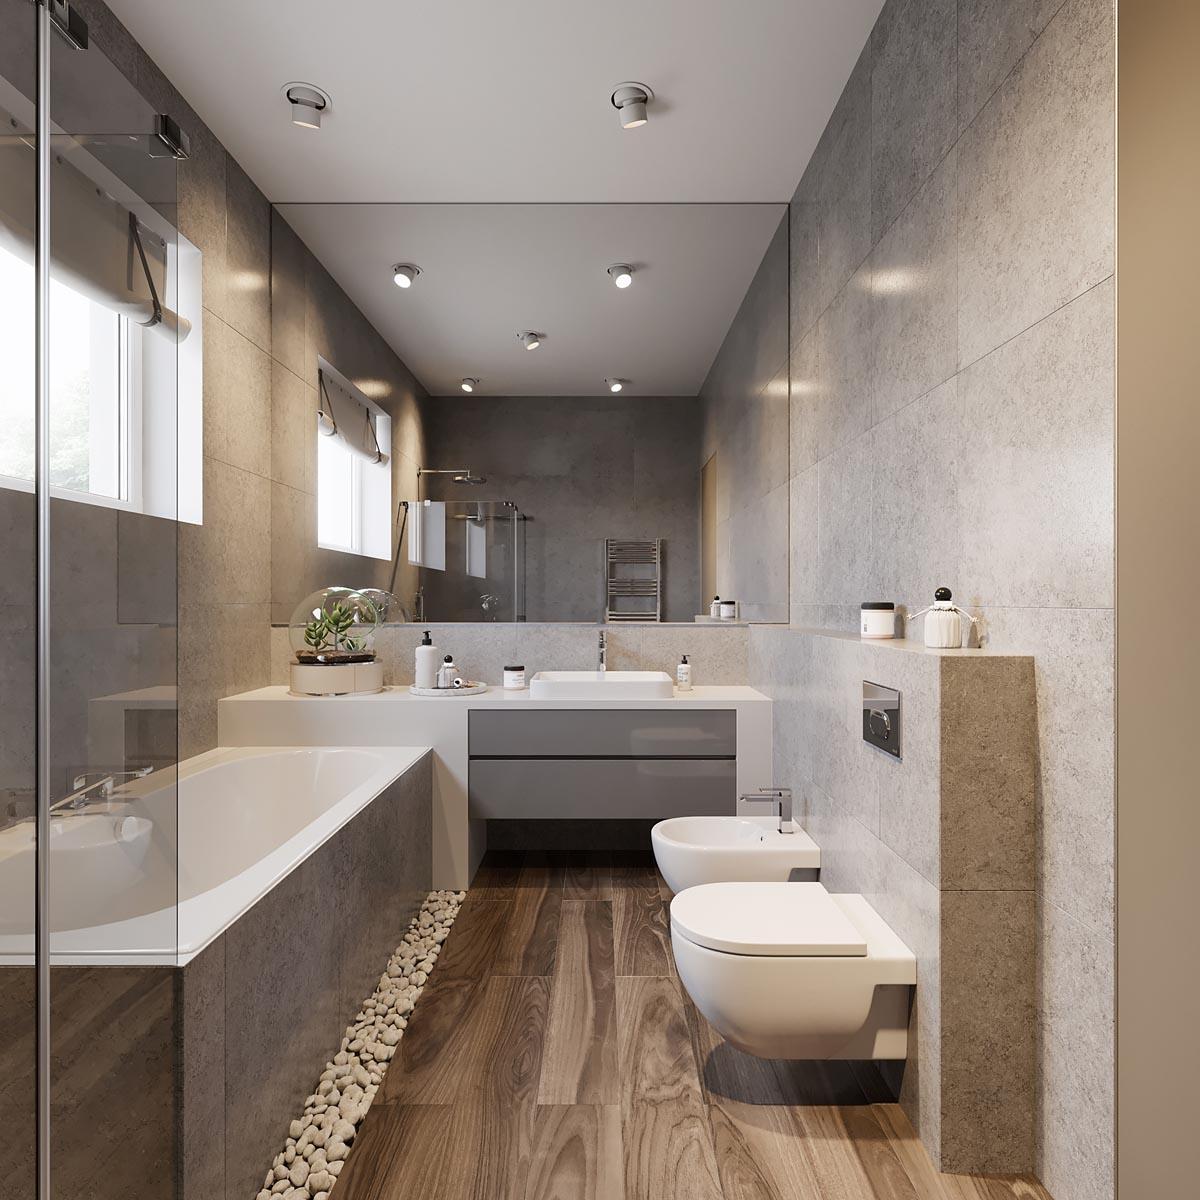 mẫu thiết kế căn hộ diện tích nhỏ đẹp 18